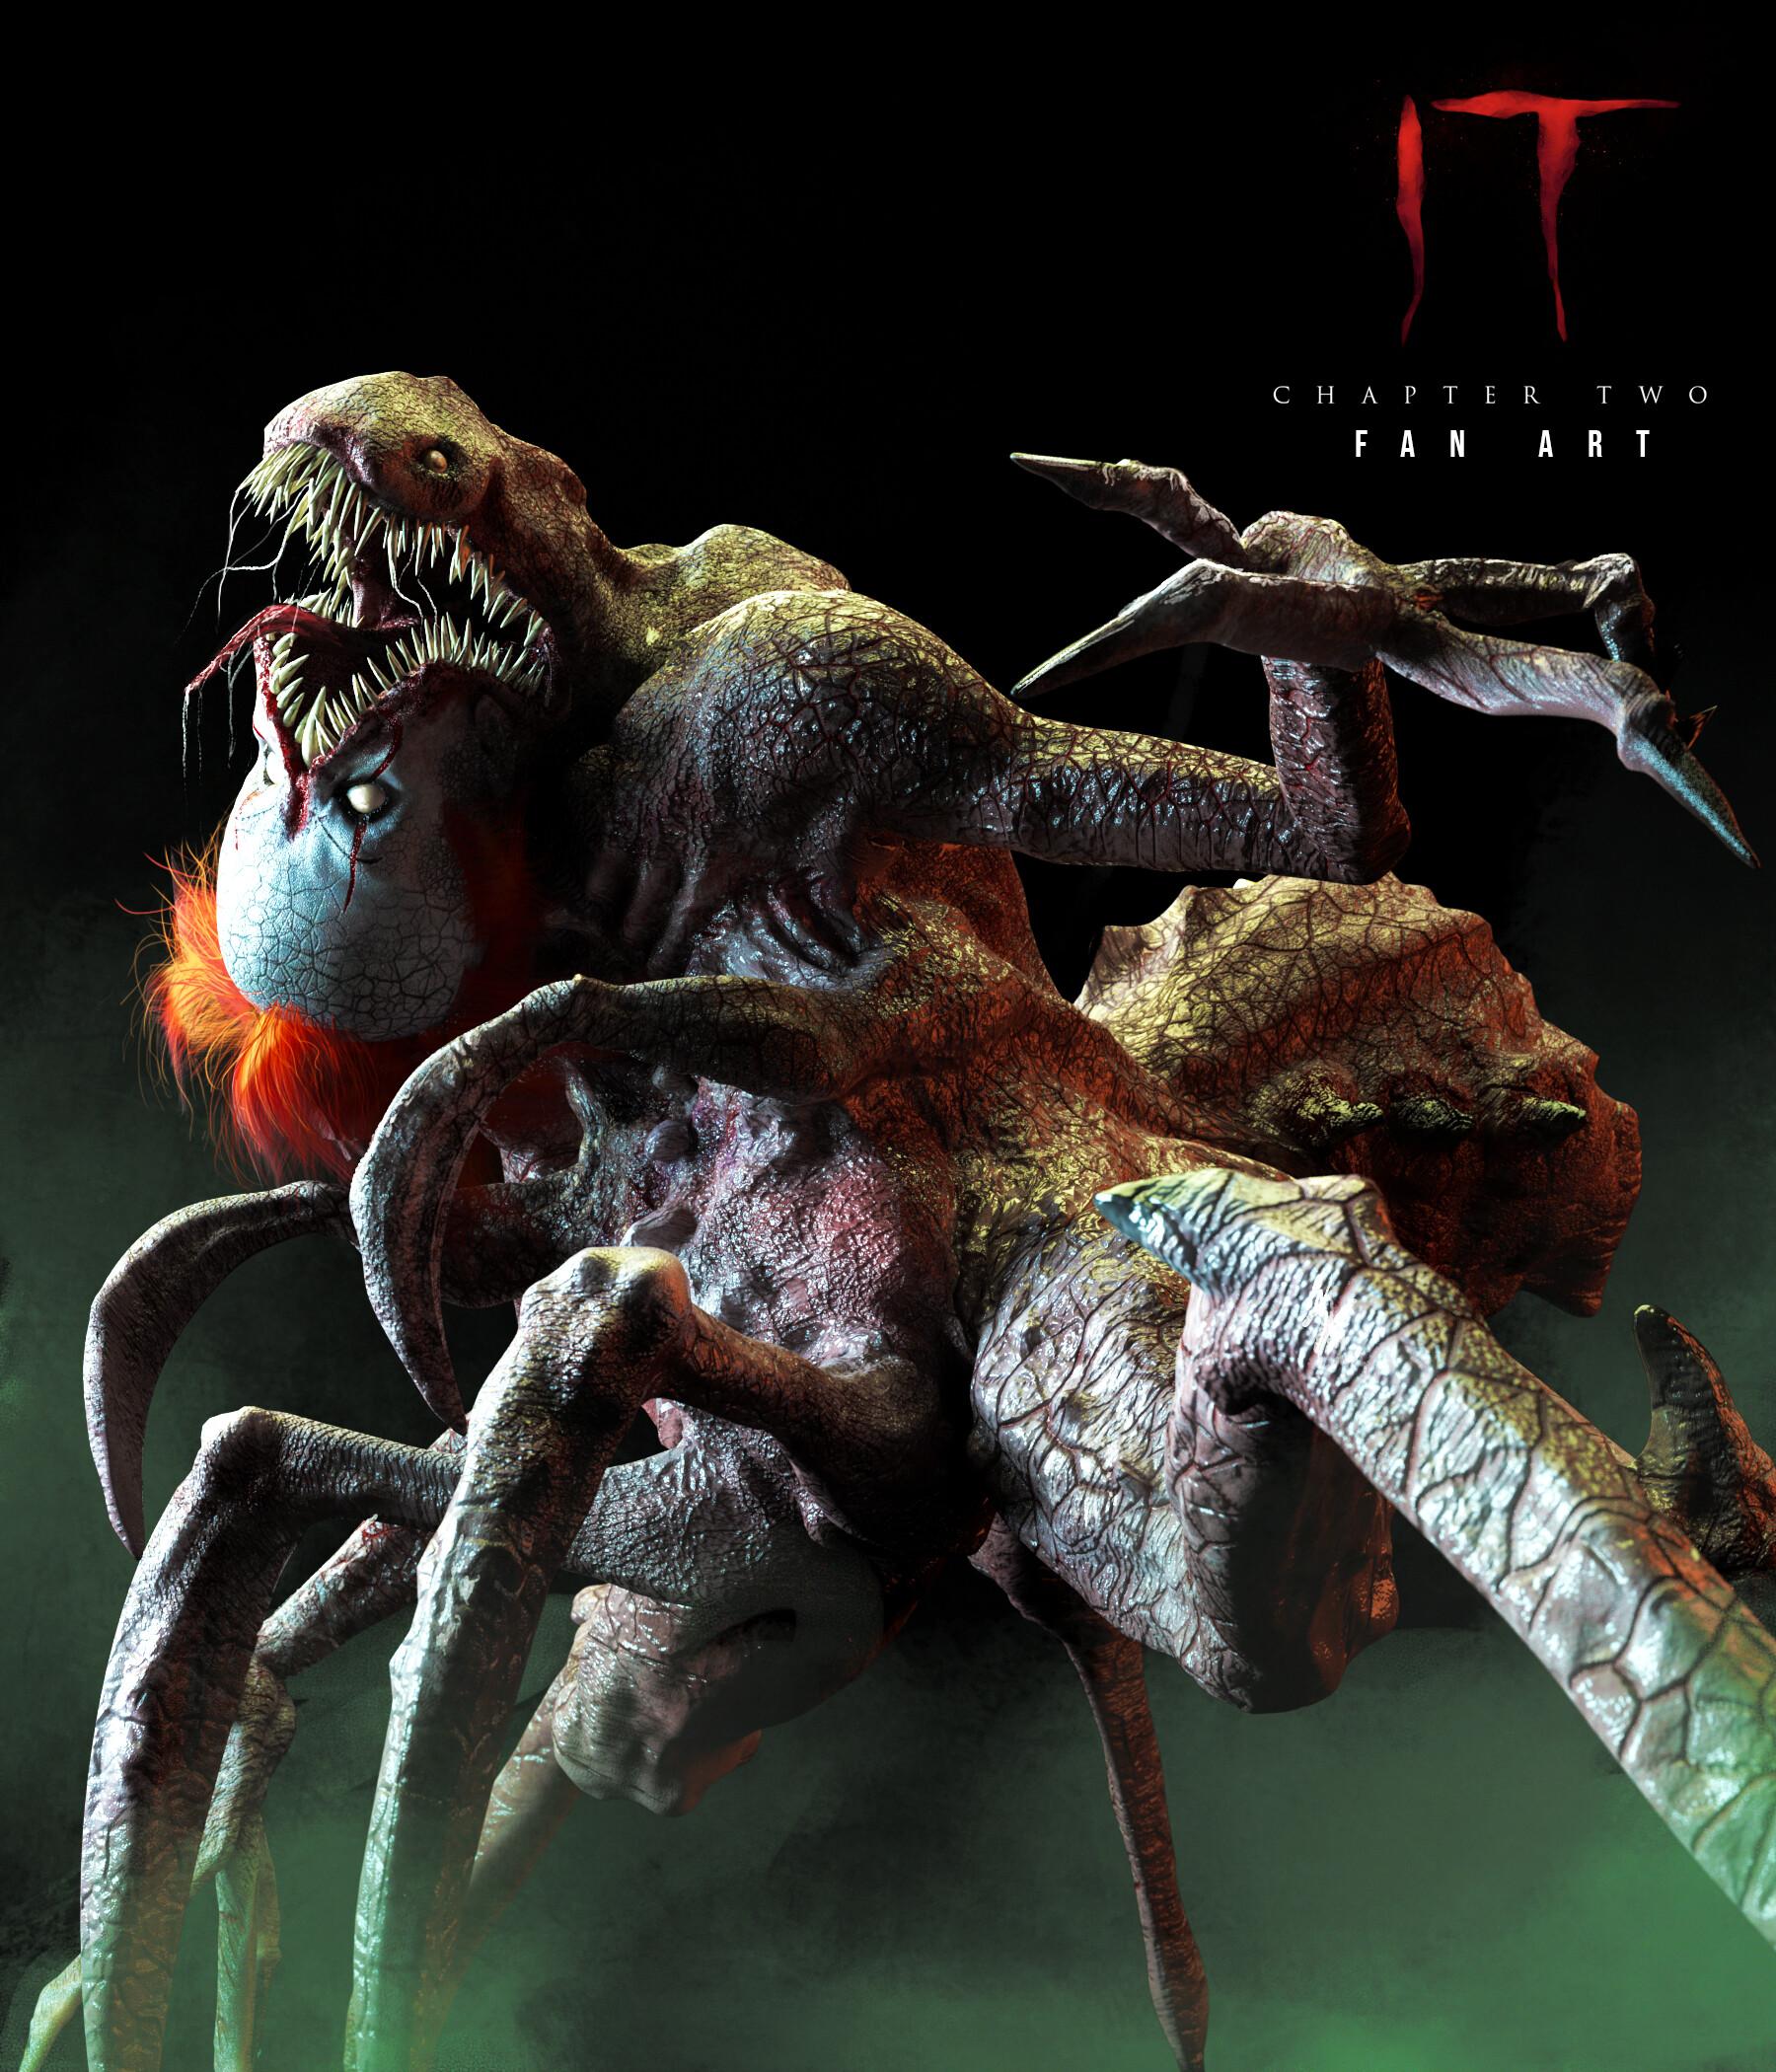 pennywise true form fanart  ArtStation - IT Chapter 8: Spider Form FAN ART, Birmel Guerrero